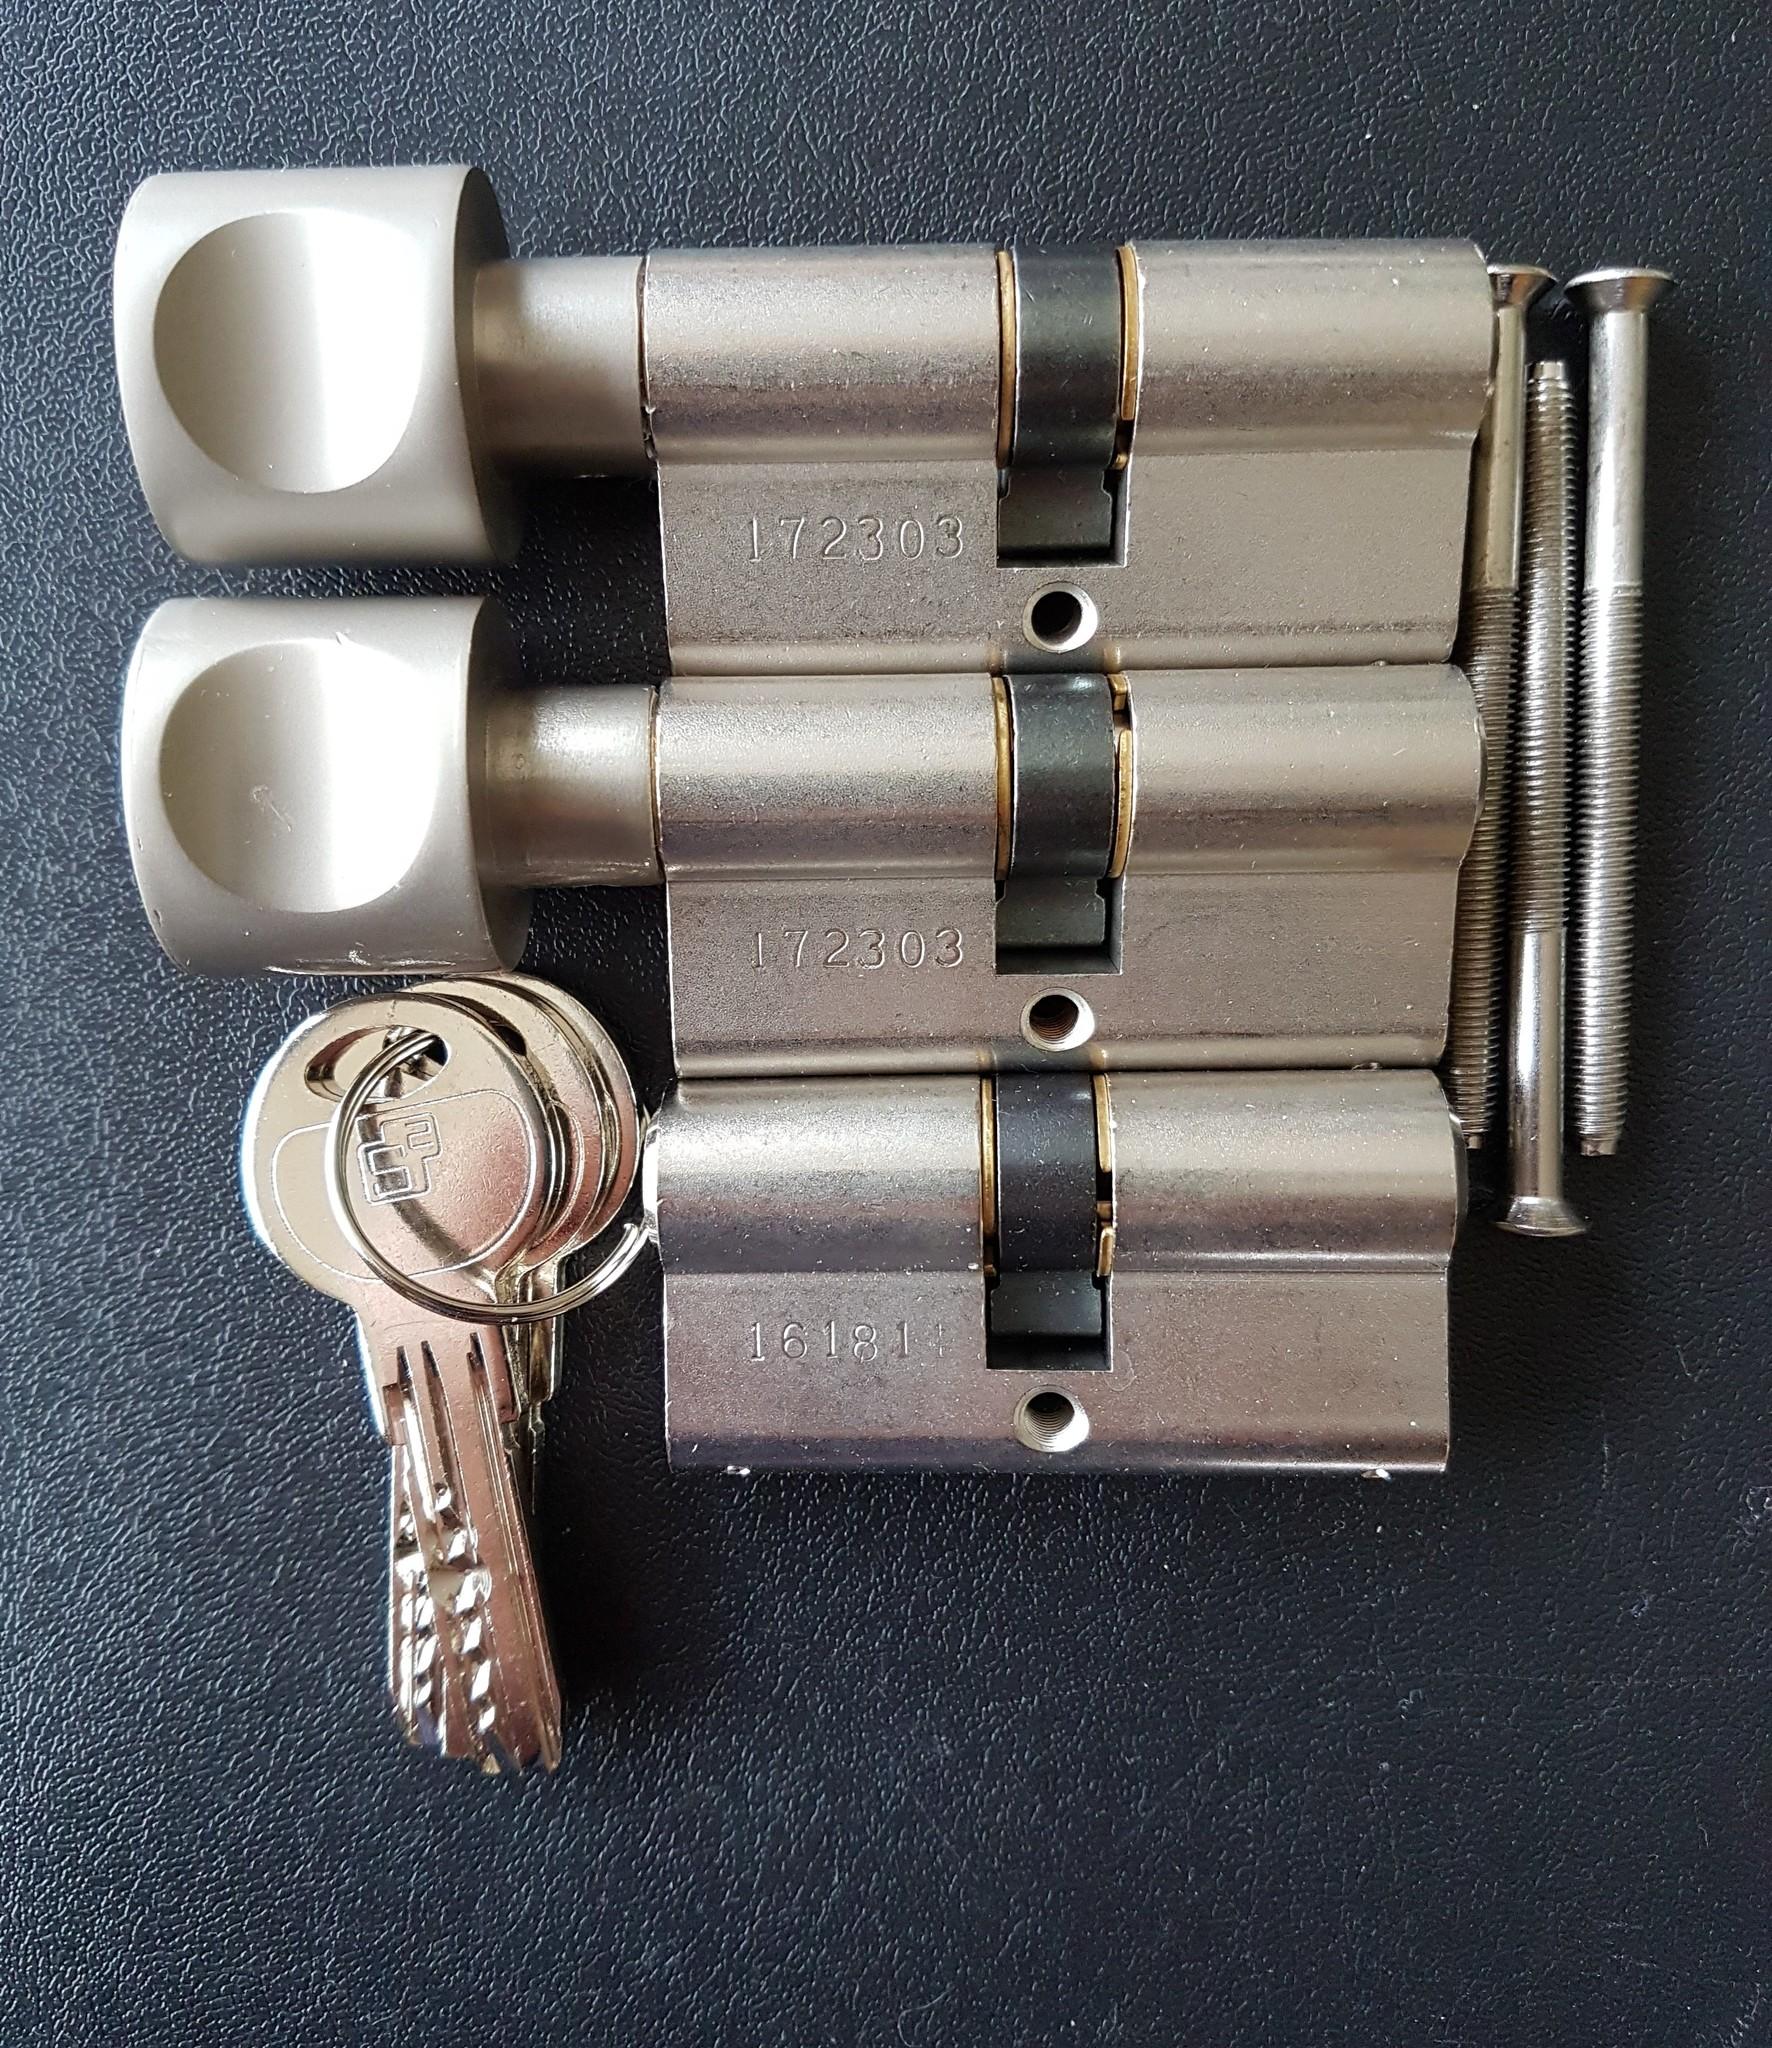 S2skg**F6 Knopcilinder s2skg**f6 95 mm knop30-65 keersleutels